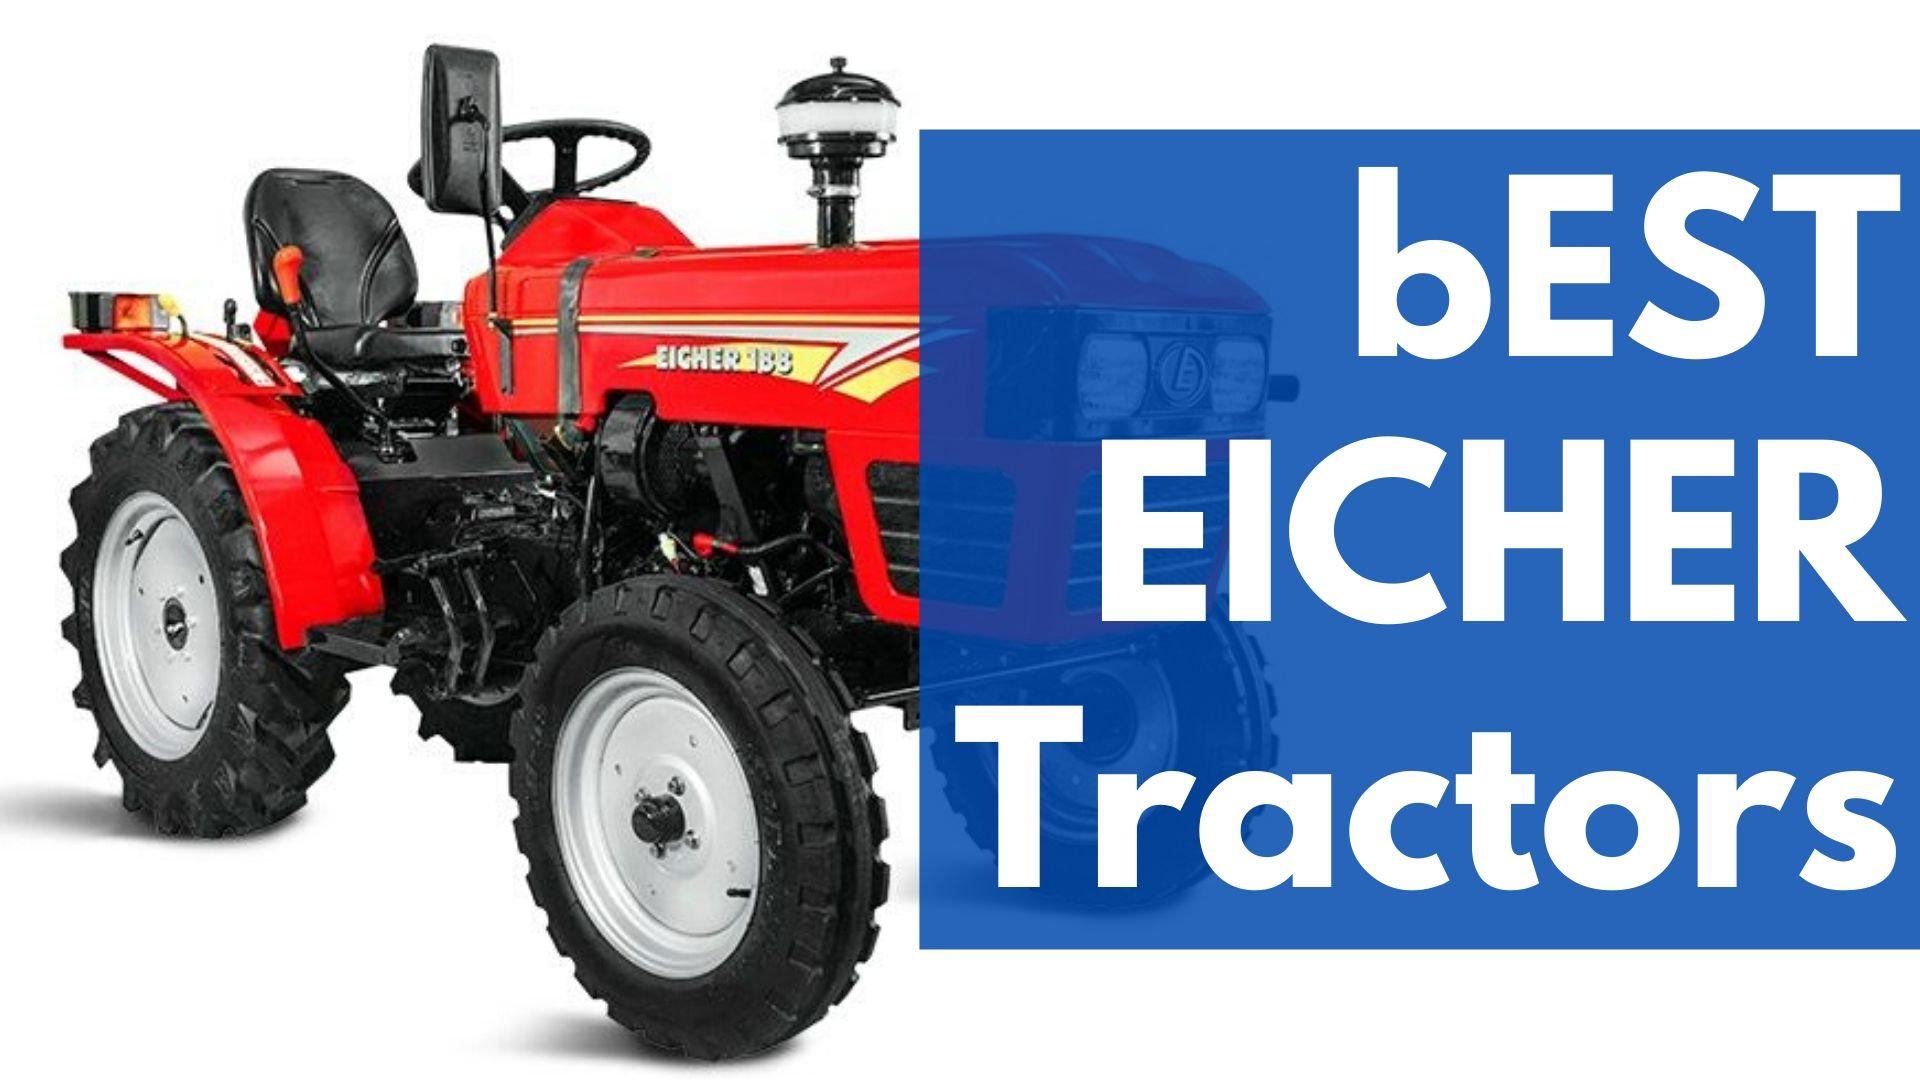 BEST Eicher Tractors